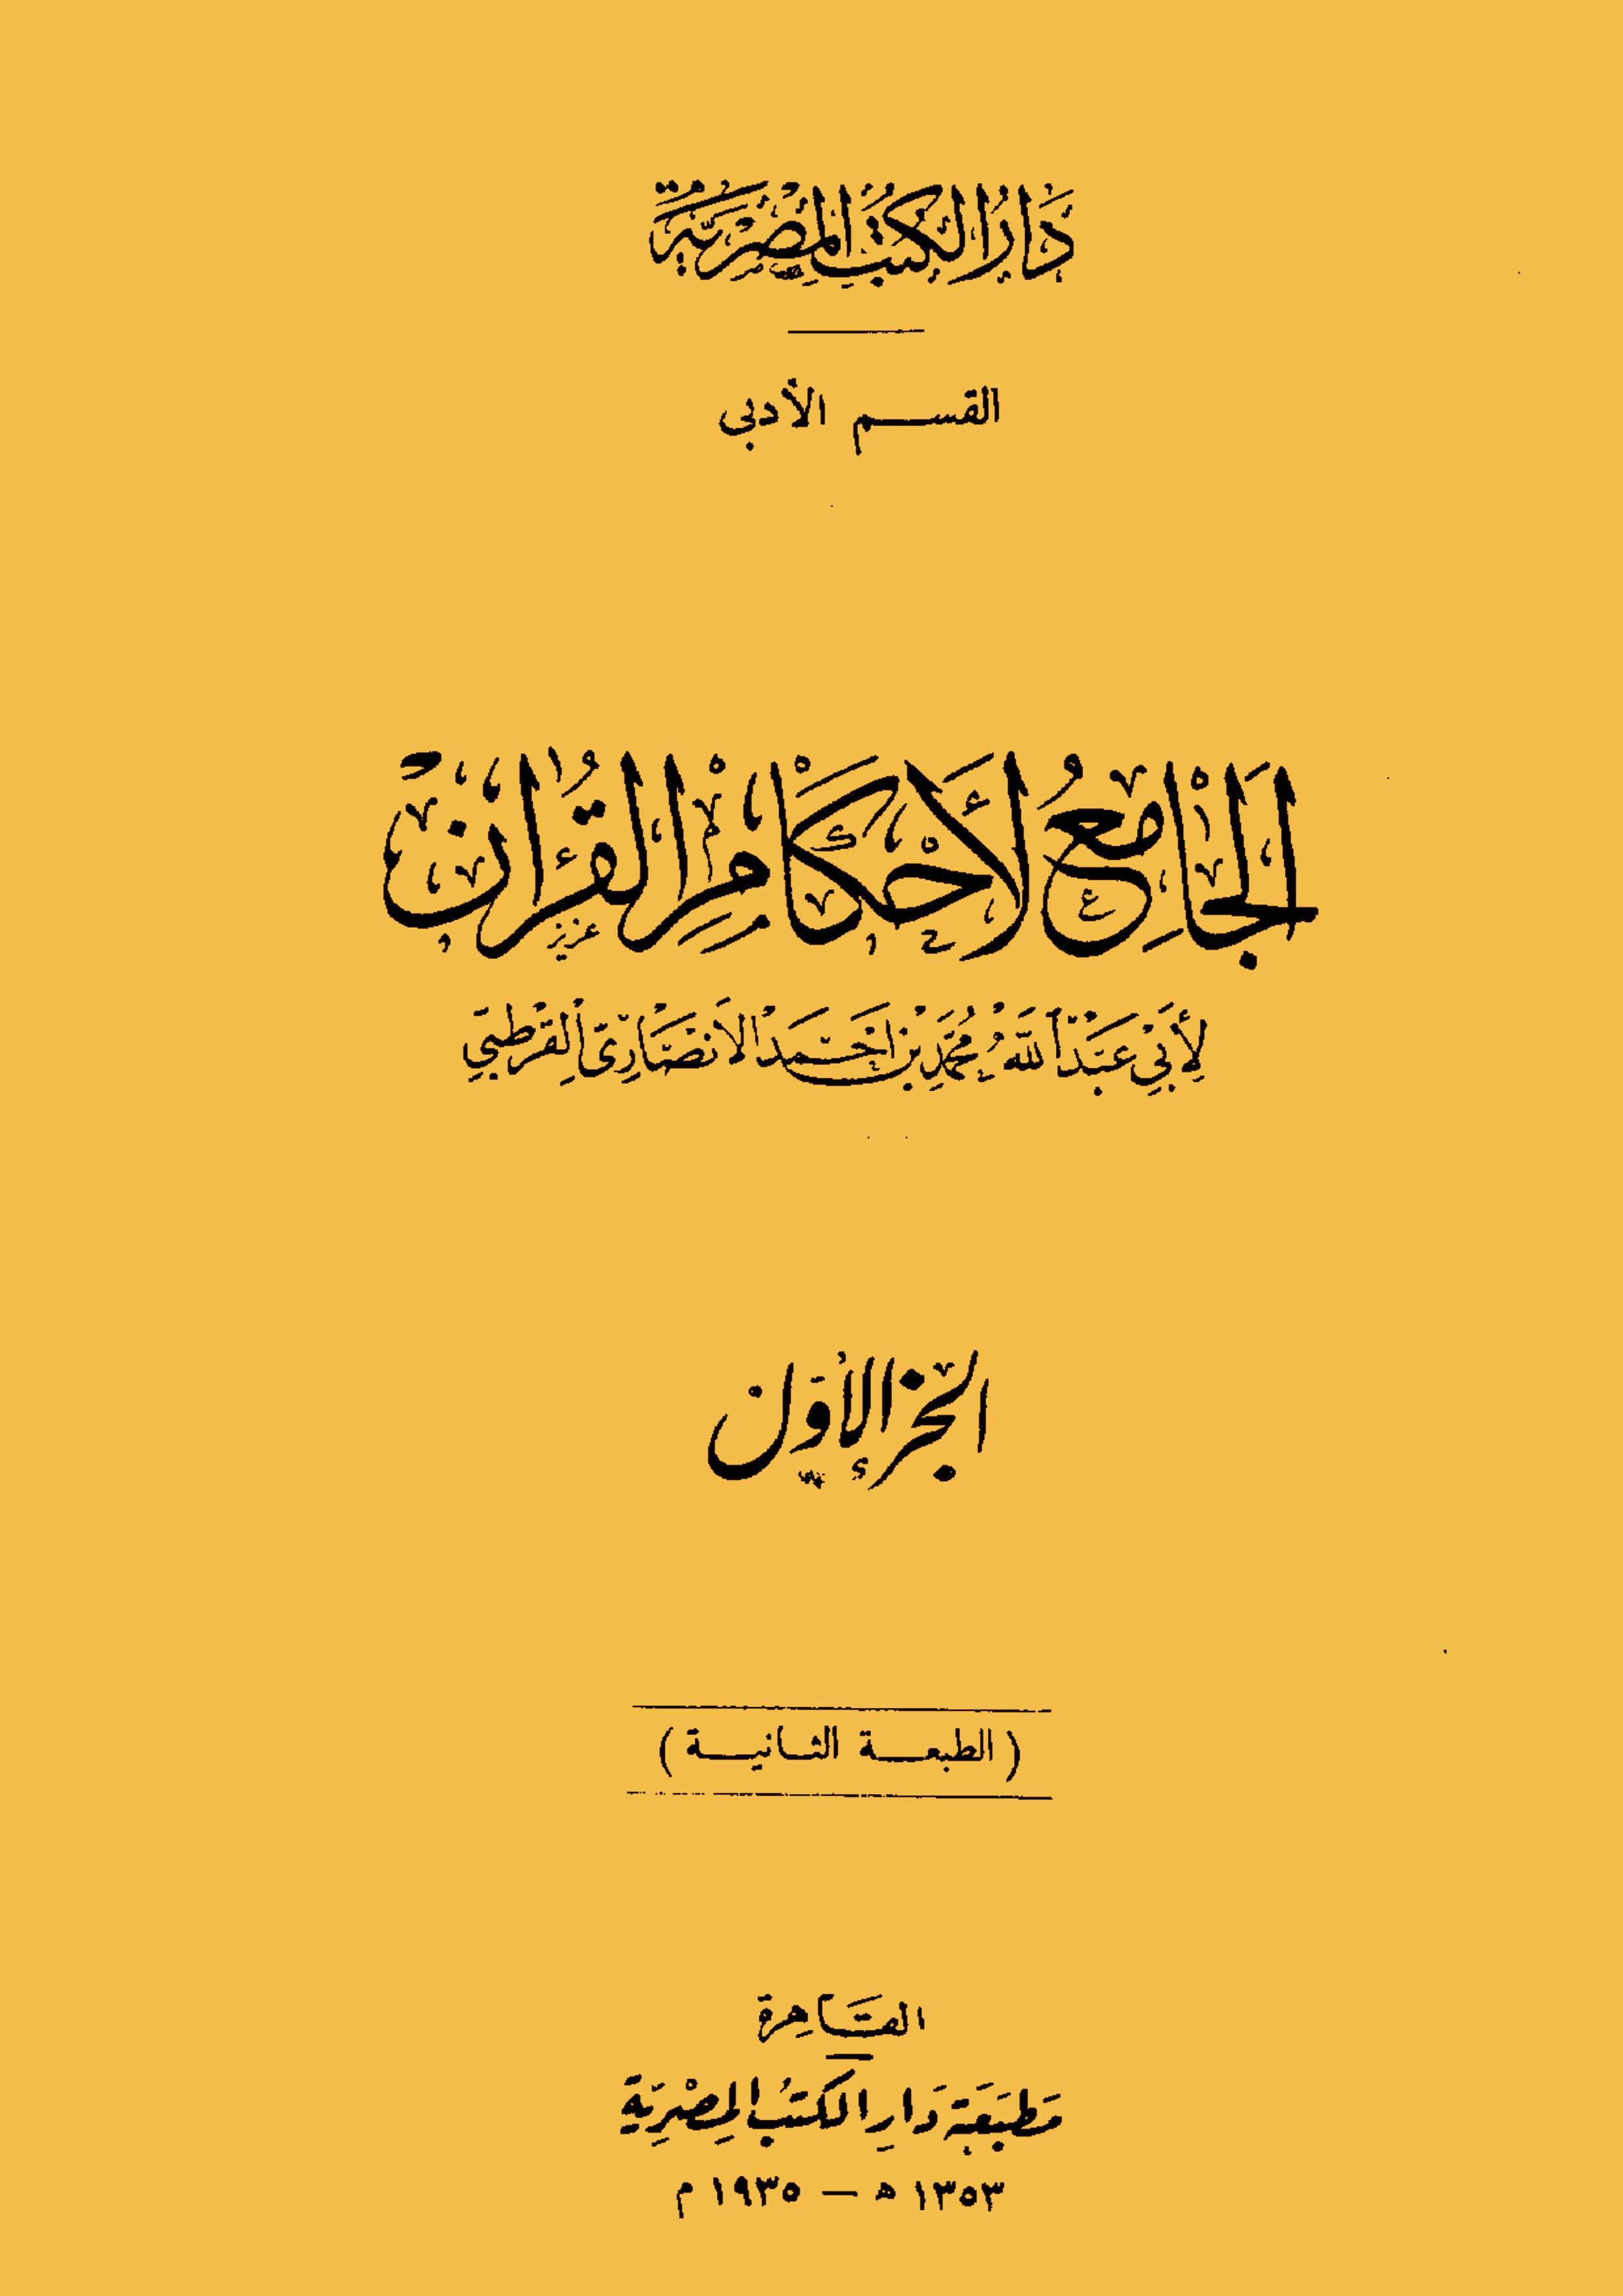 تحميل كتاب الجامع لأحكام القرآن (ط. دار الكتب المصرية) لـِ: أبو عبد الله محمد بن أحمد بن أبي بكر القرطبي (ت 671 هـ)